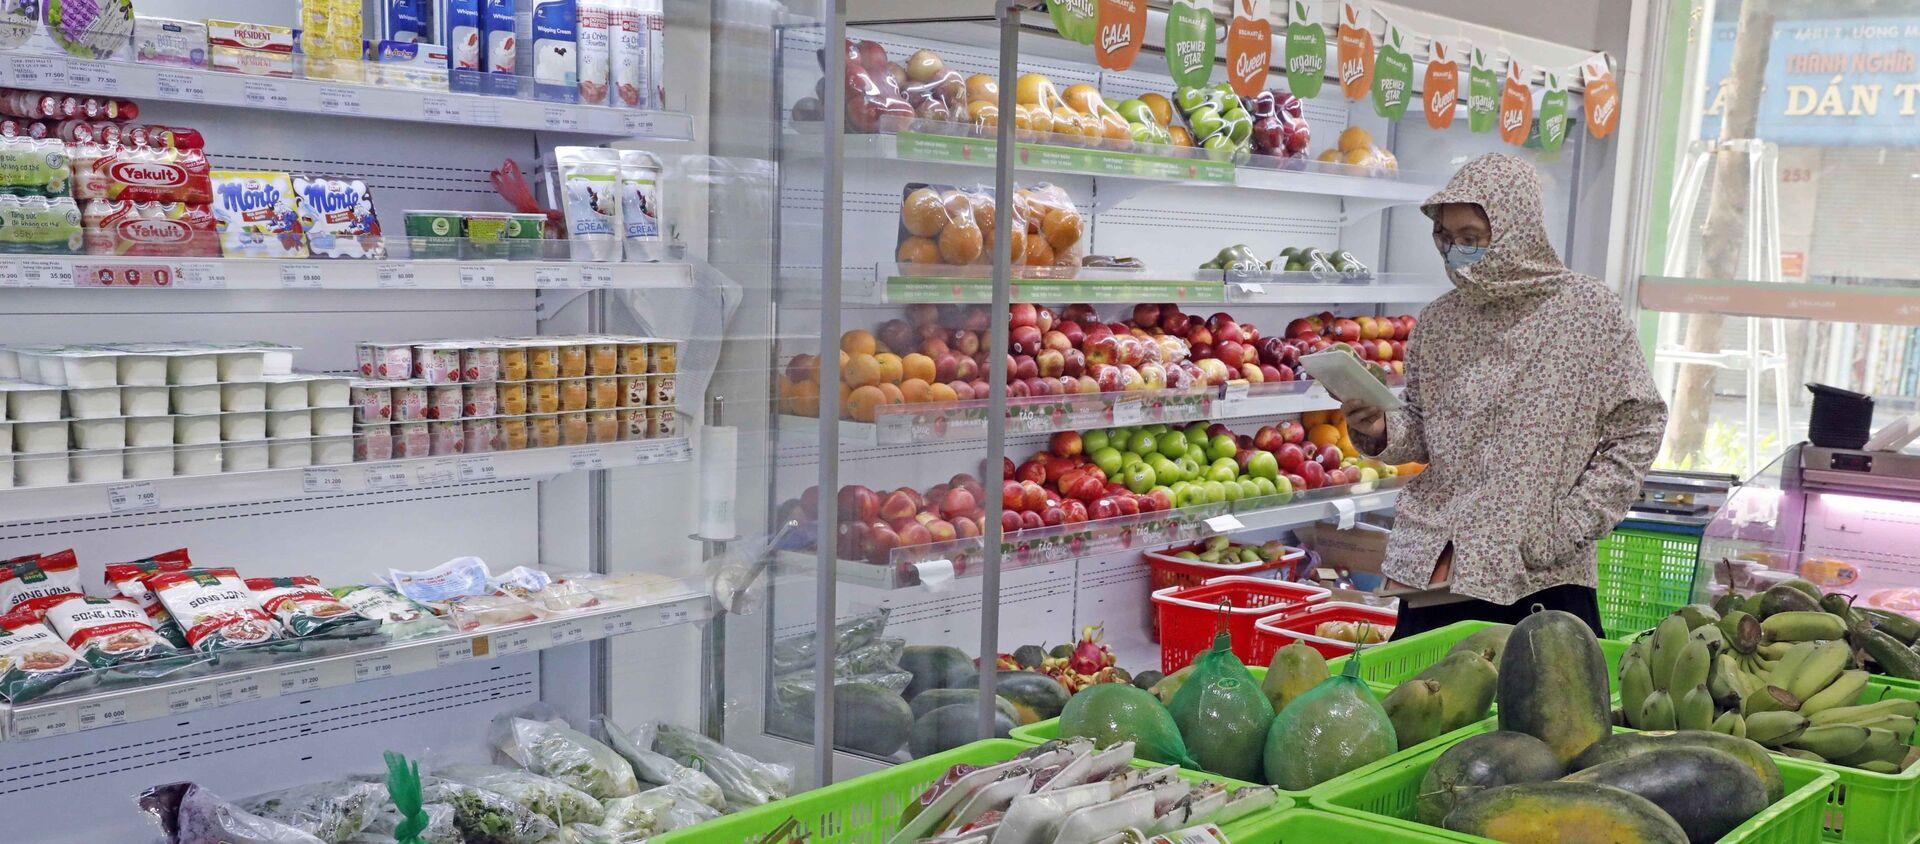 Khách hàng mua sắm tại siêu thị Hapro food Khâm Thiên. - Sputnik Việt Nam, 1920, 04.09.2021